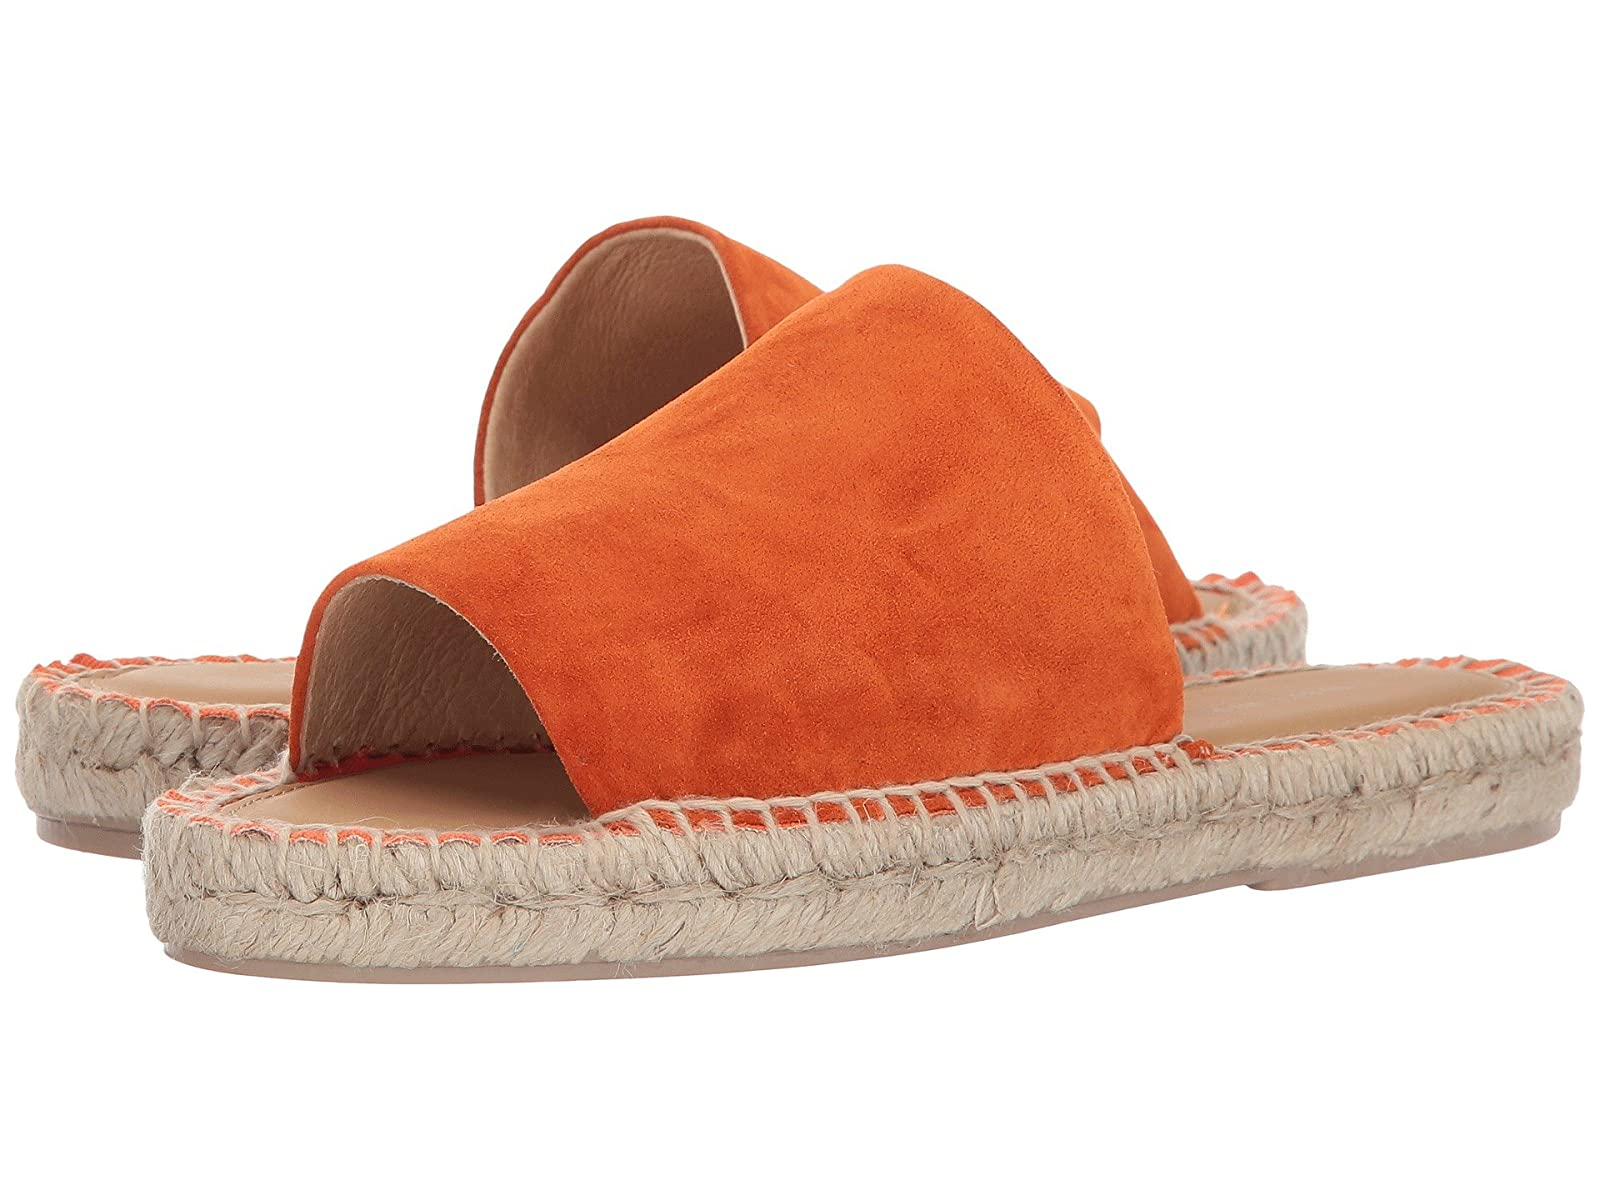 Matt Bernson PalmaCheap and distinctive eye-catching shoes